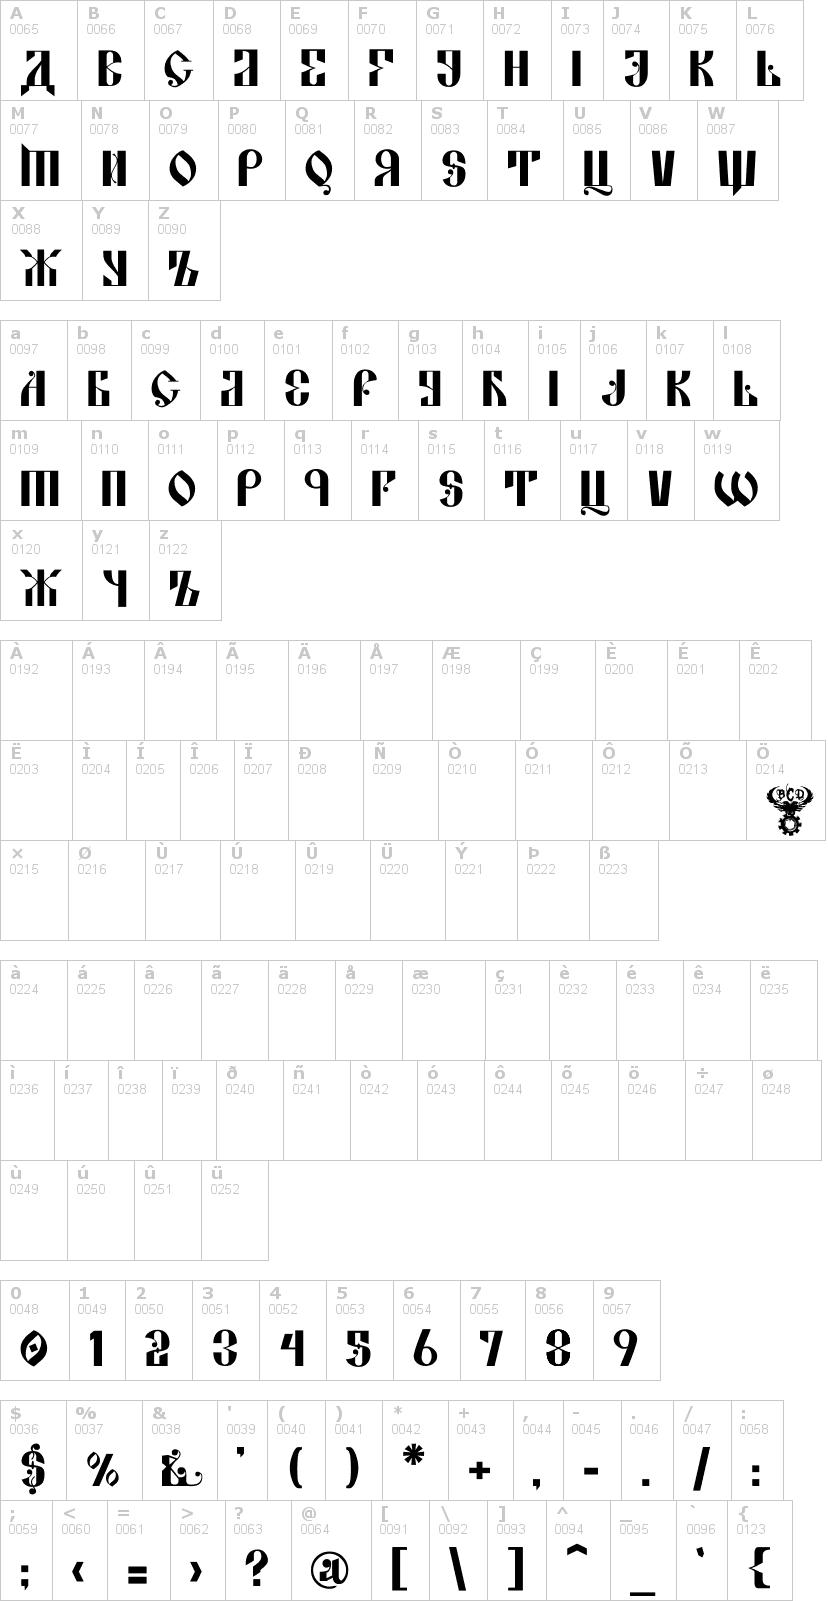 Lettere dell'alfabeto del font kremlin-alexander con le quali è possibile realizzare adesivi prespaziati